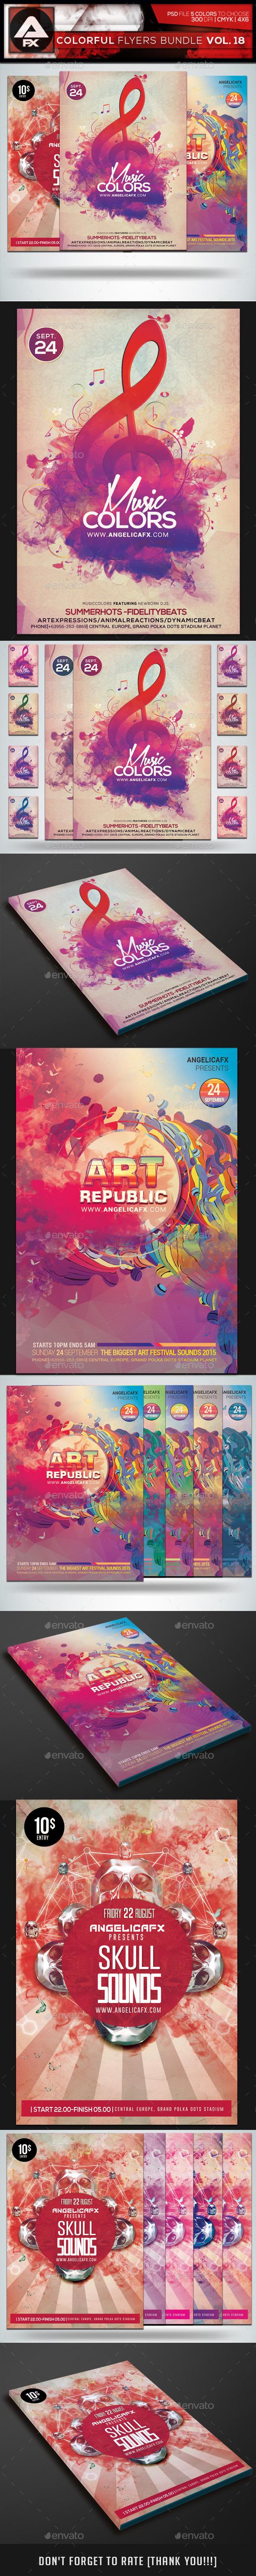 GraphicRiver Colorful Flyers Bundle Vol.18 11877914